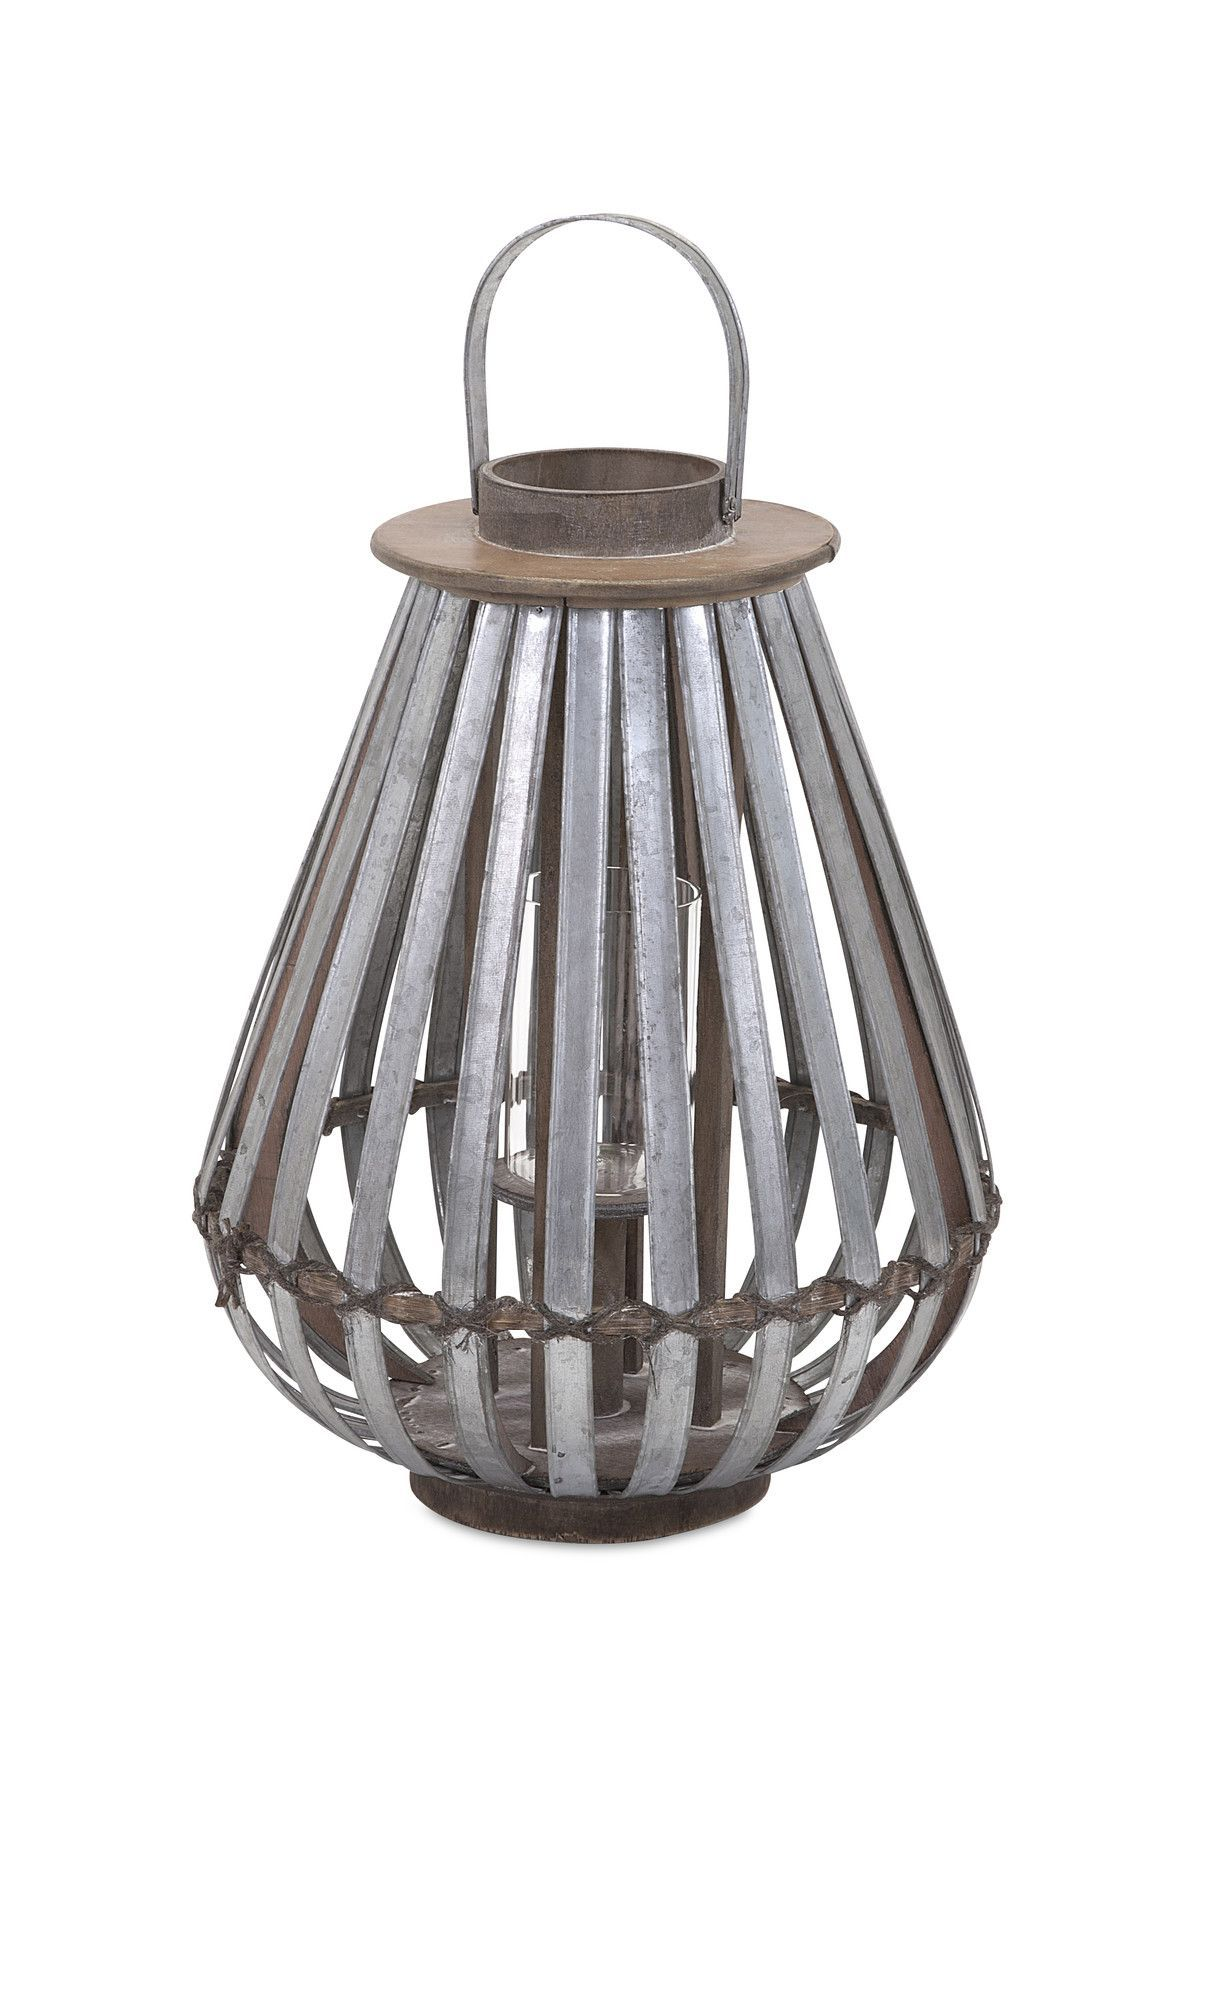 logan galvanized metal lantern lanterns pinterest metal